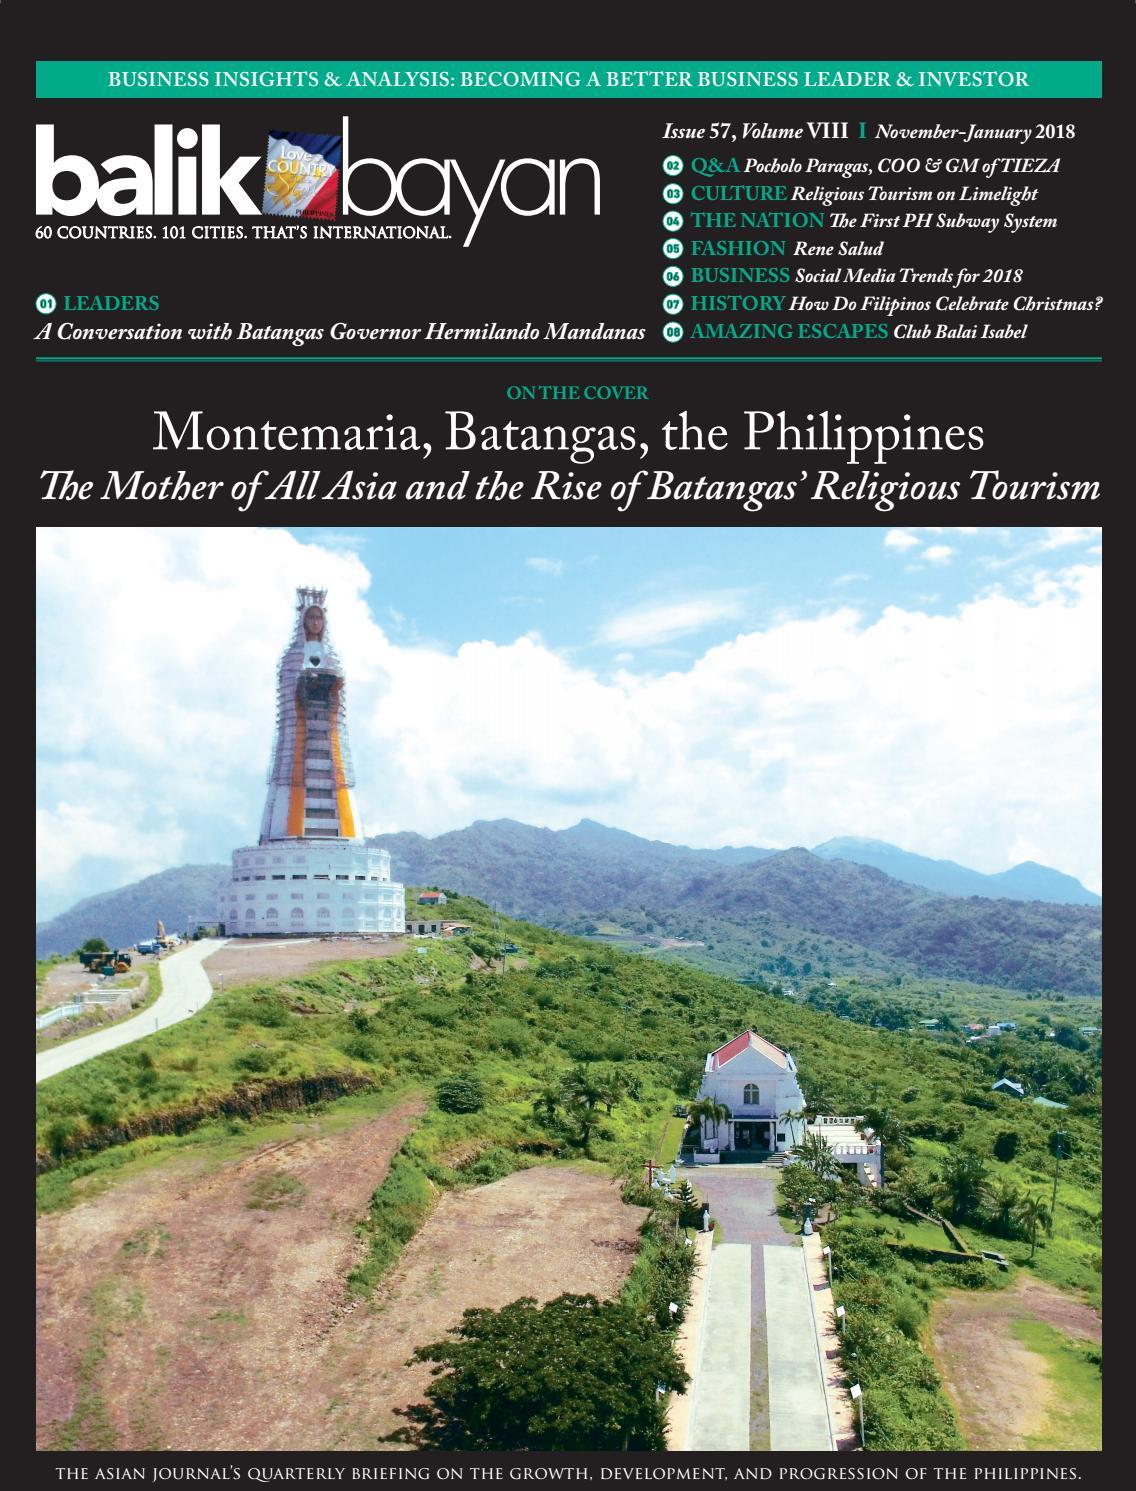 November 2017 January 2018 Balikbayan Magazine By